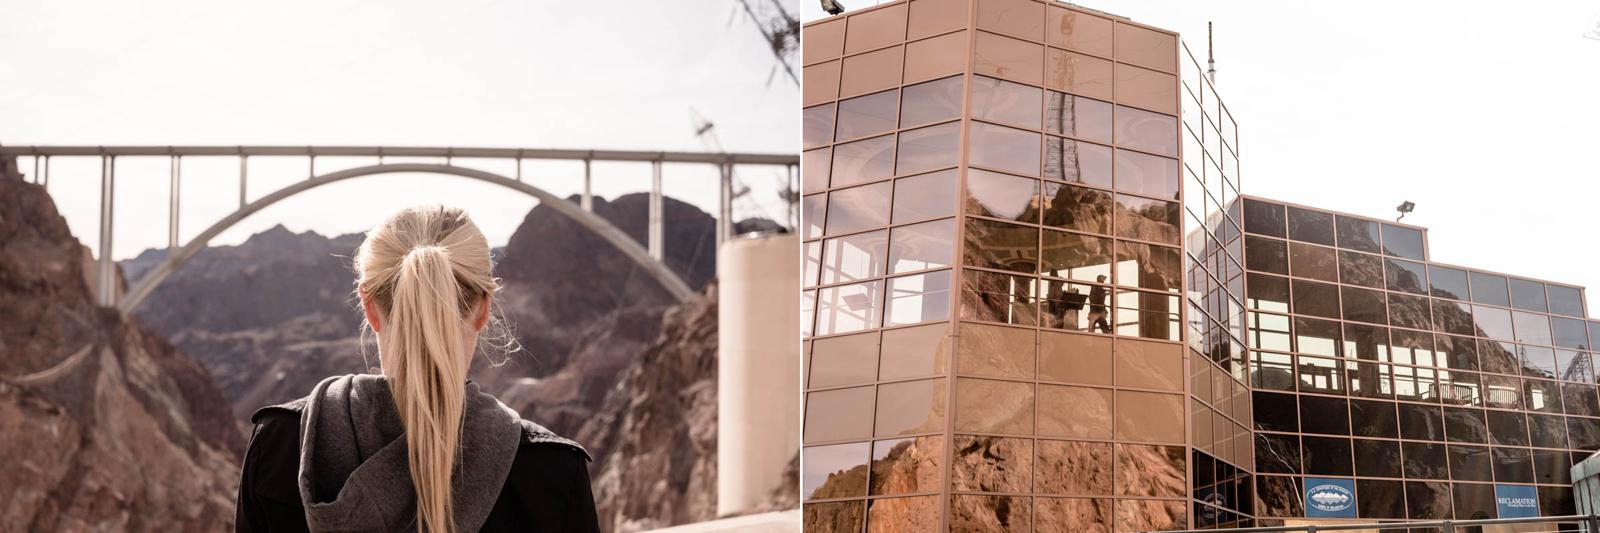 Hoover Dam, border NV & AZ